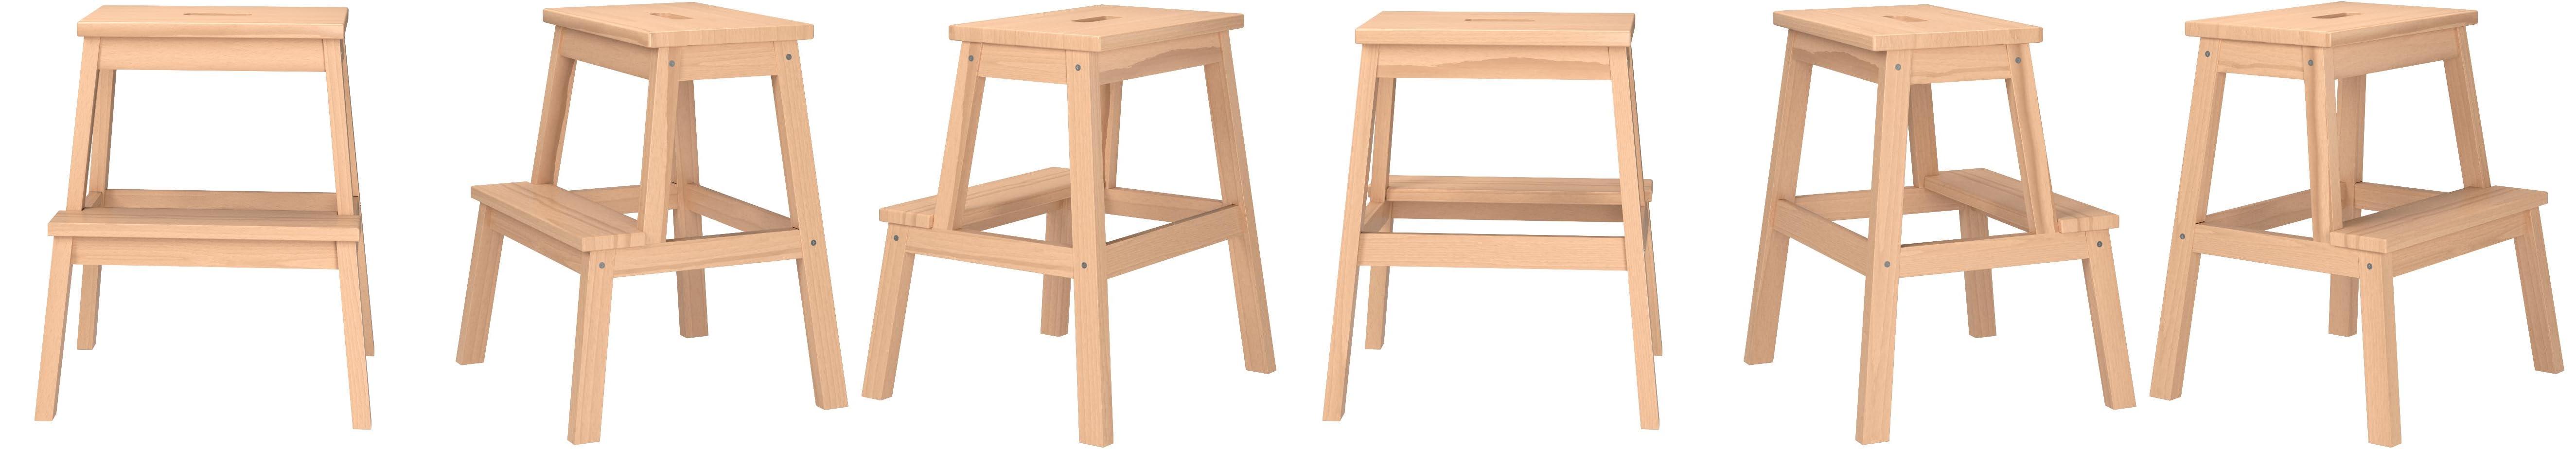 Amazon Com Ikea Bekvam Wooden Utility Step By Ikea Beige Industrial Scientific